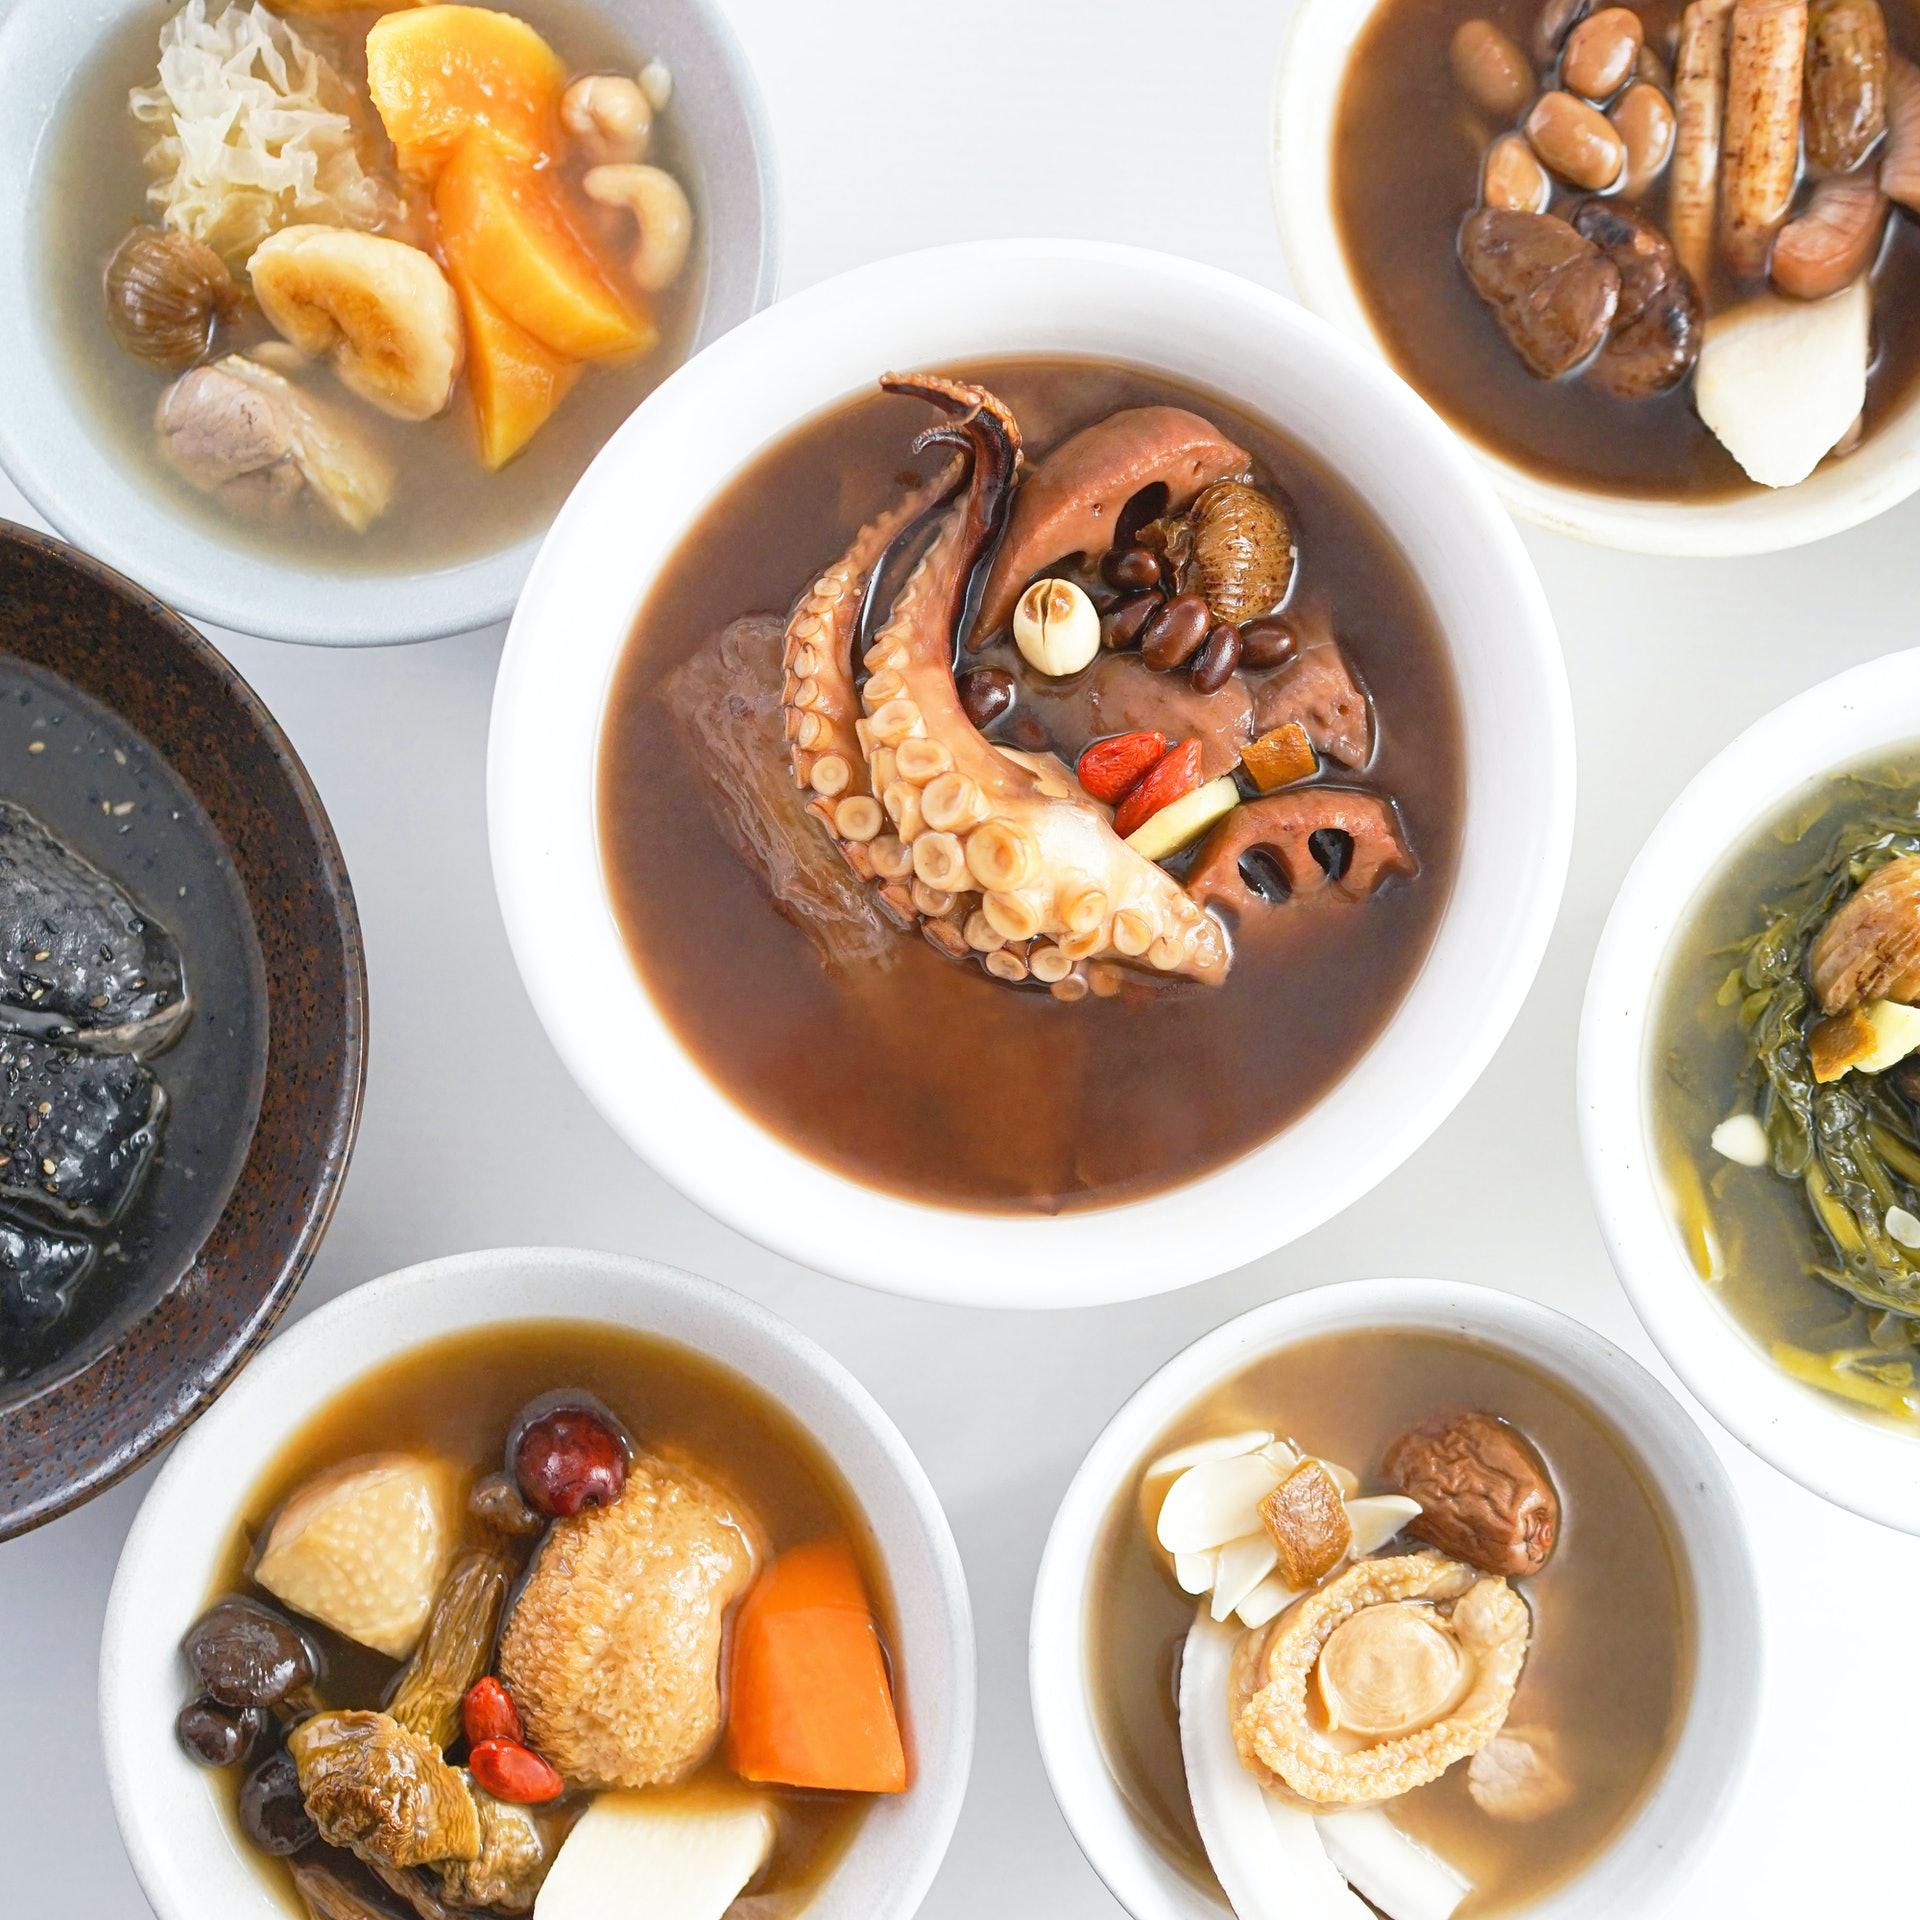 燉湯蘊含深厚的中醫傳統智慧,用料豐富,食材有各自的功效之餘,亦有互相配合的作用,一碗燉湯匯聚了用料的精華。(圖片:moonwell)